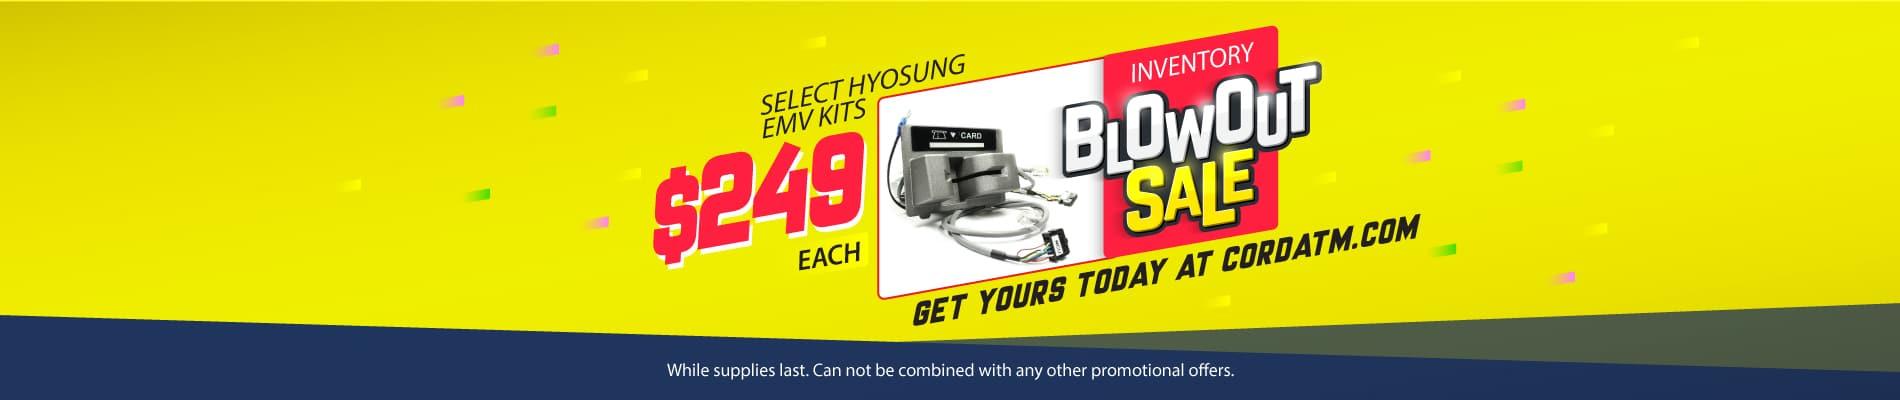 CORDatm.com - EMV Kit BlowOut Sale